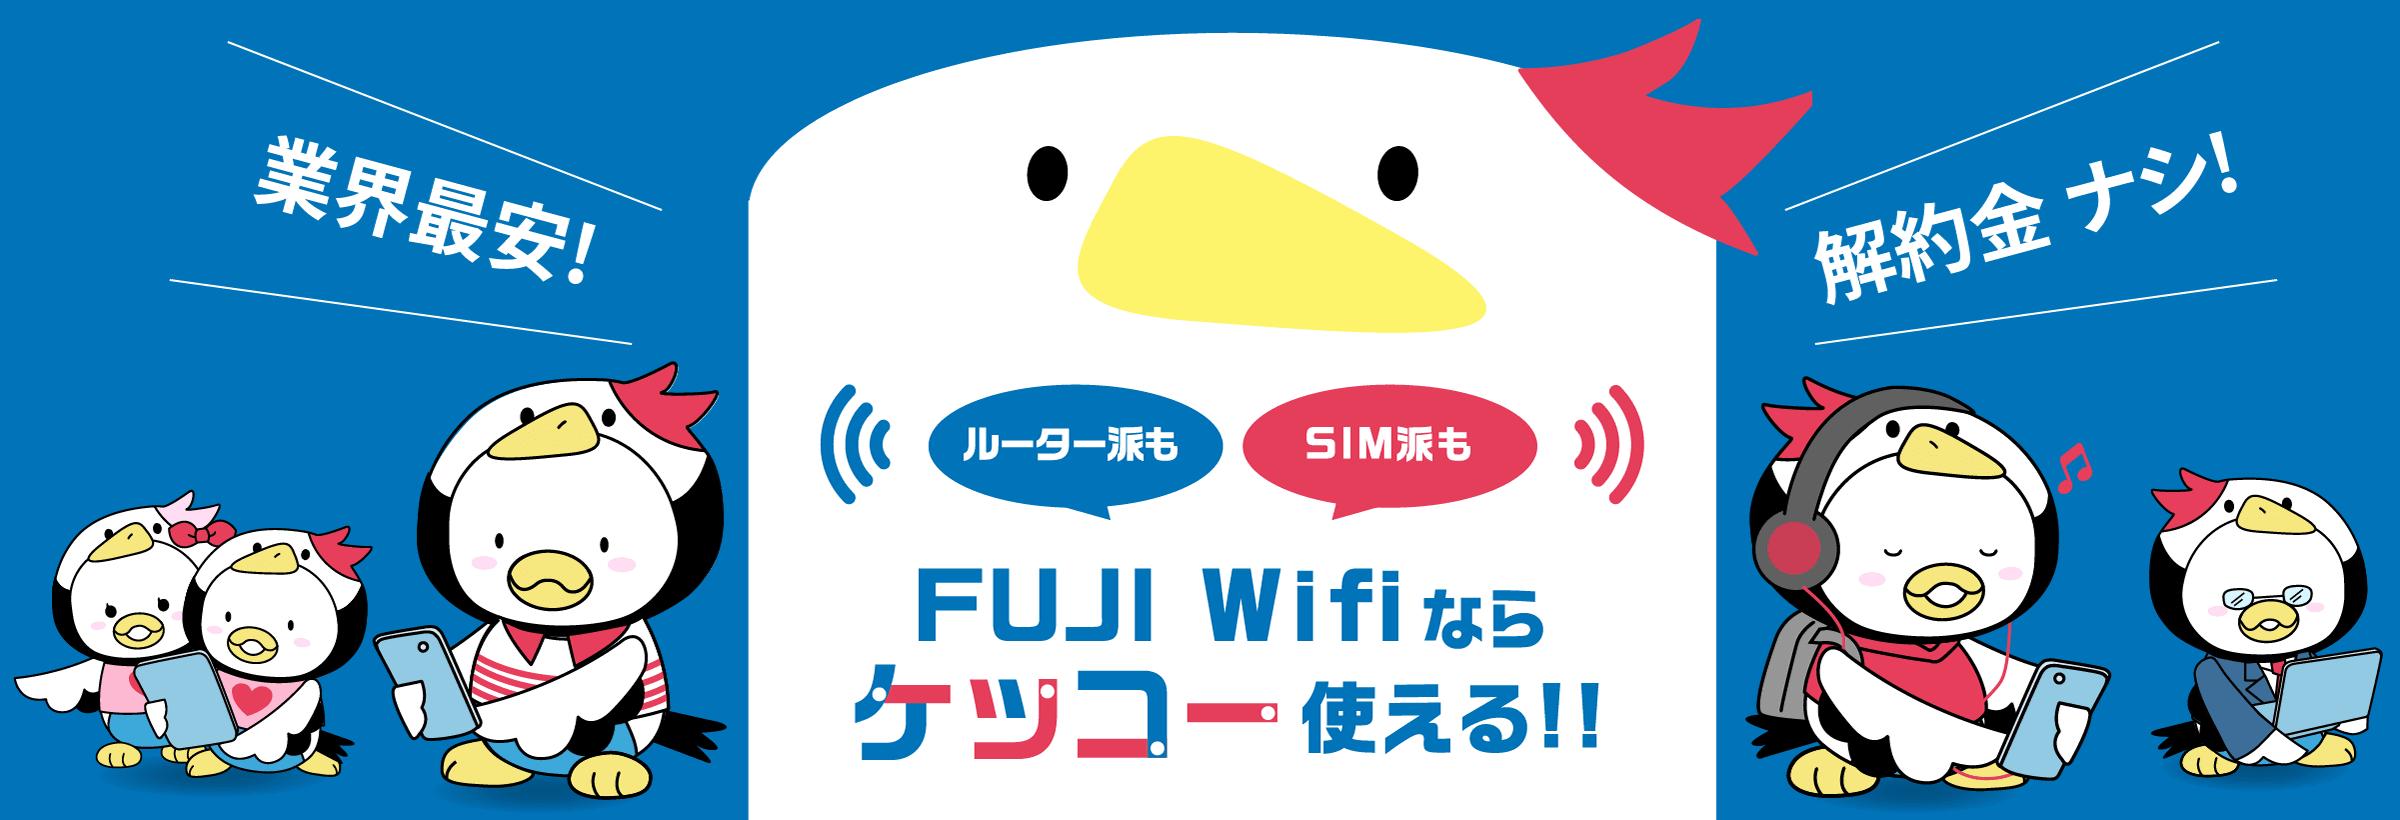 業界最安!違約金ナシ!ルーター派もSIM派もFUJI-Wifiならケッコー使える!